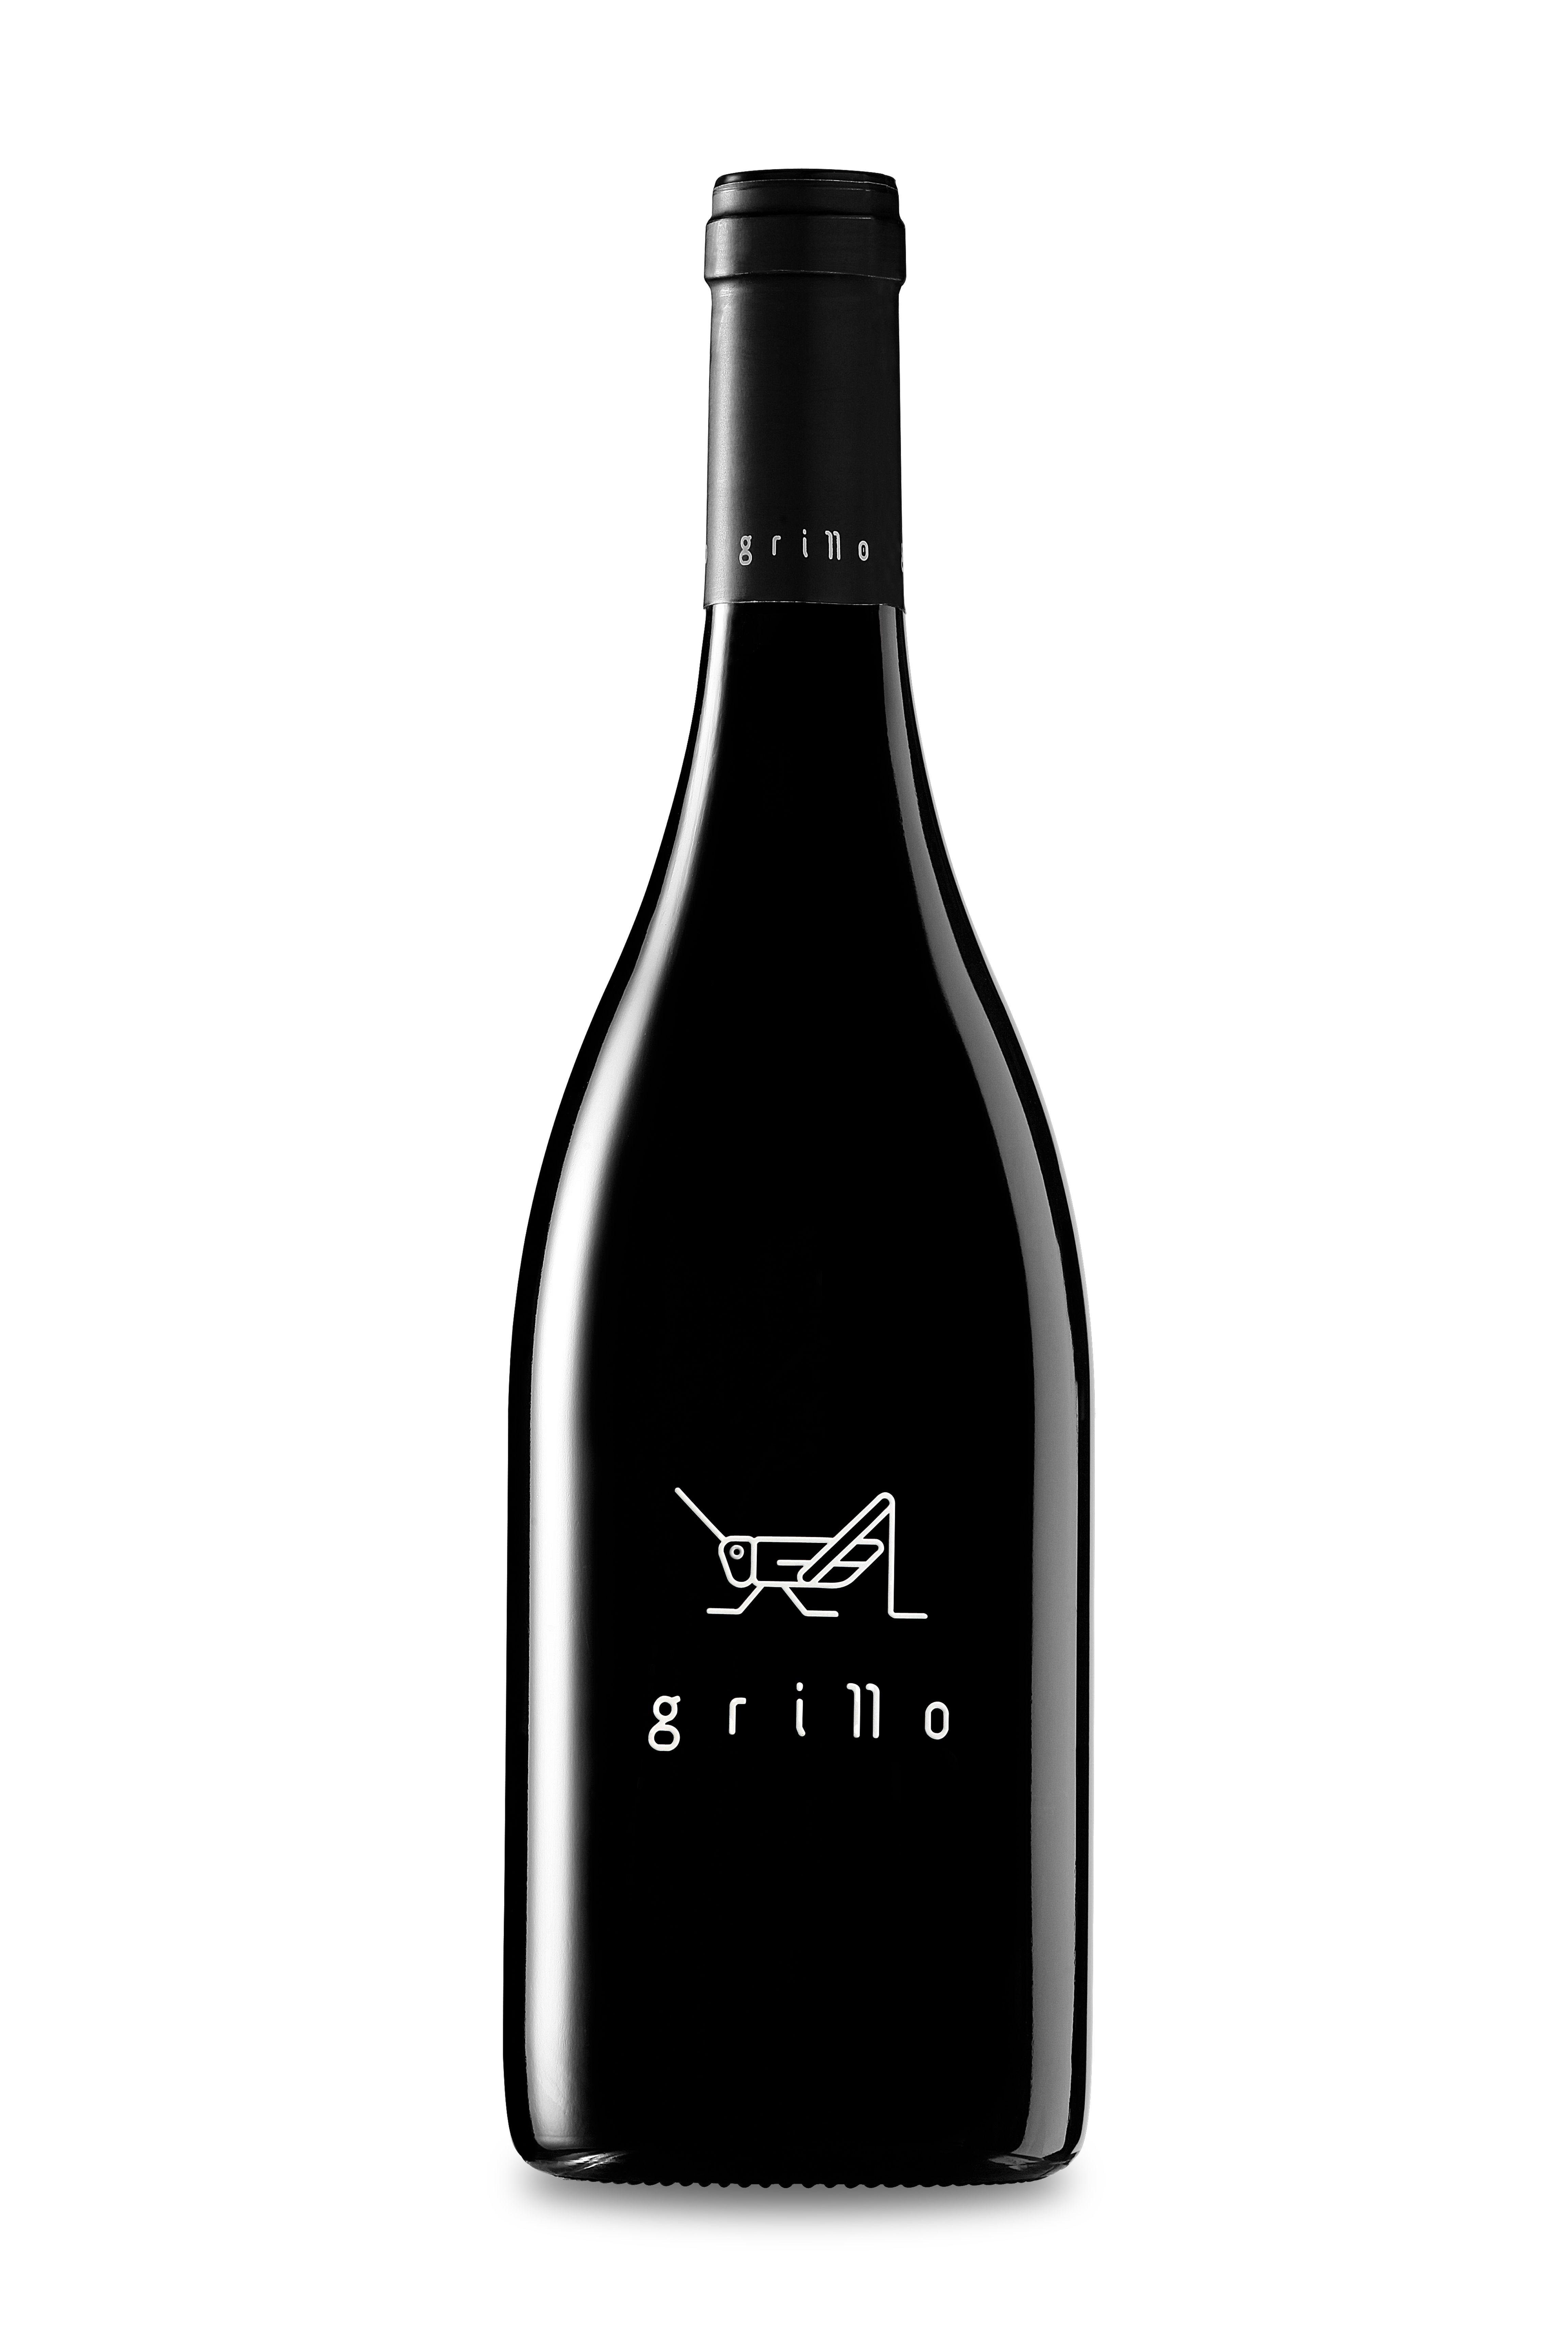 Gabinete de prensa y comunicación para El Grillo y la Luna – Grillo 2011, el mejor diseño de botella